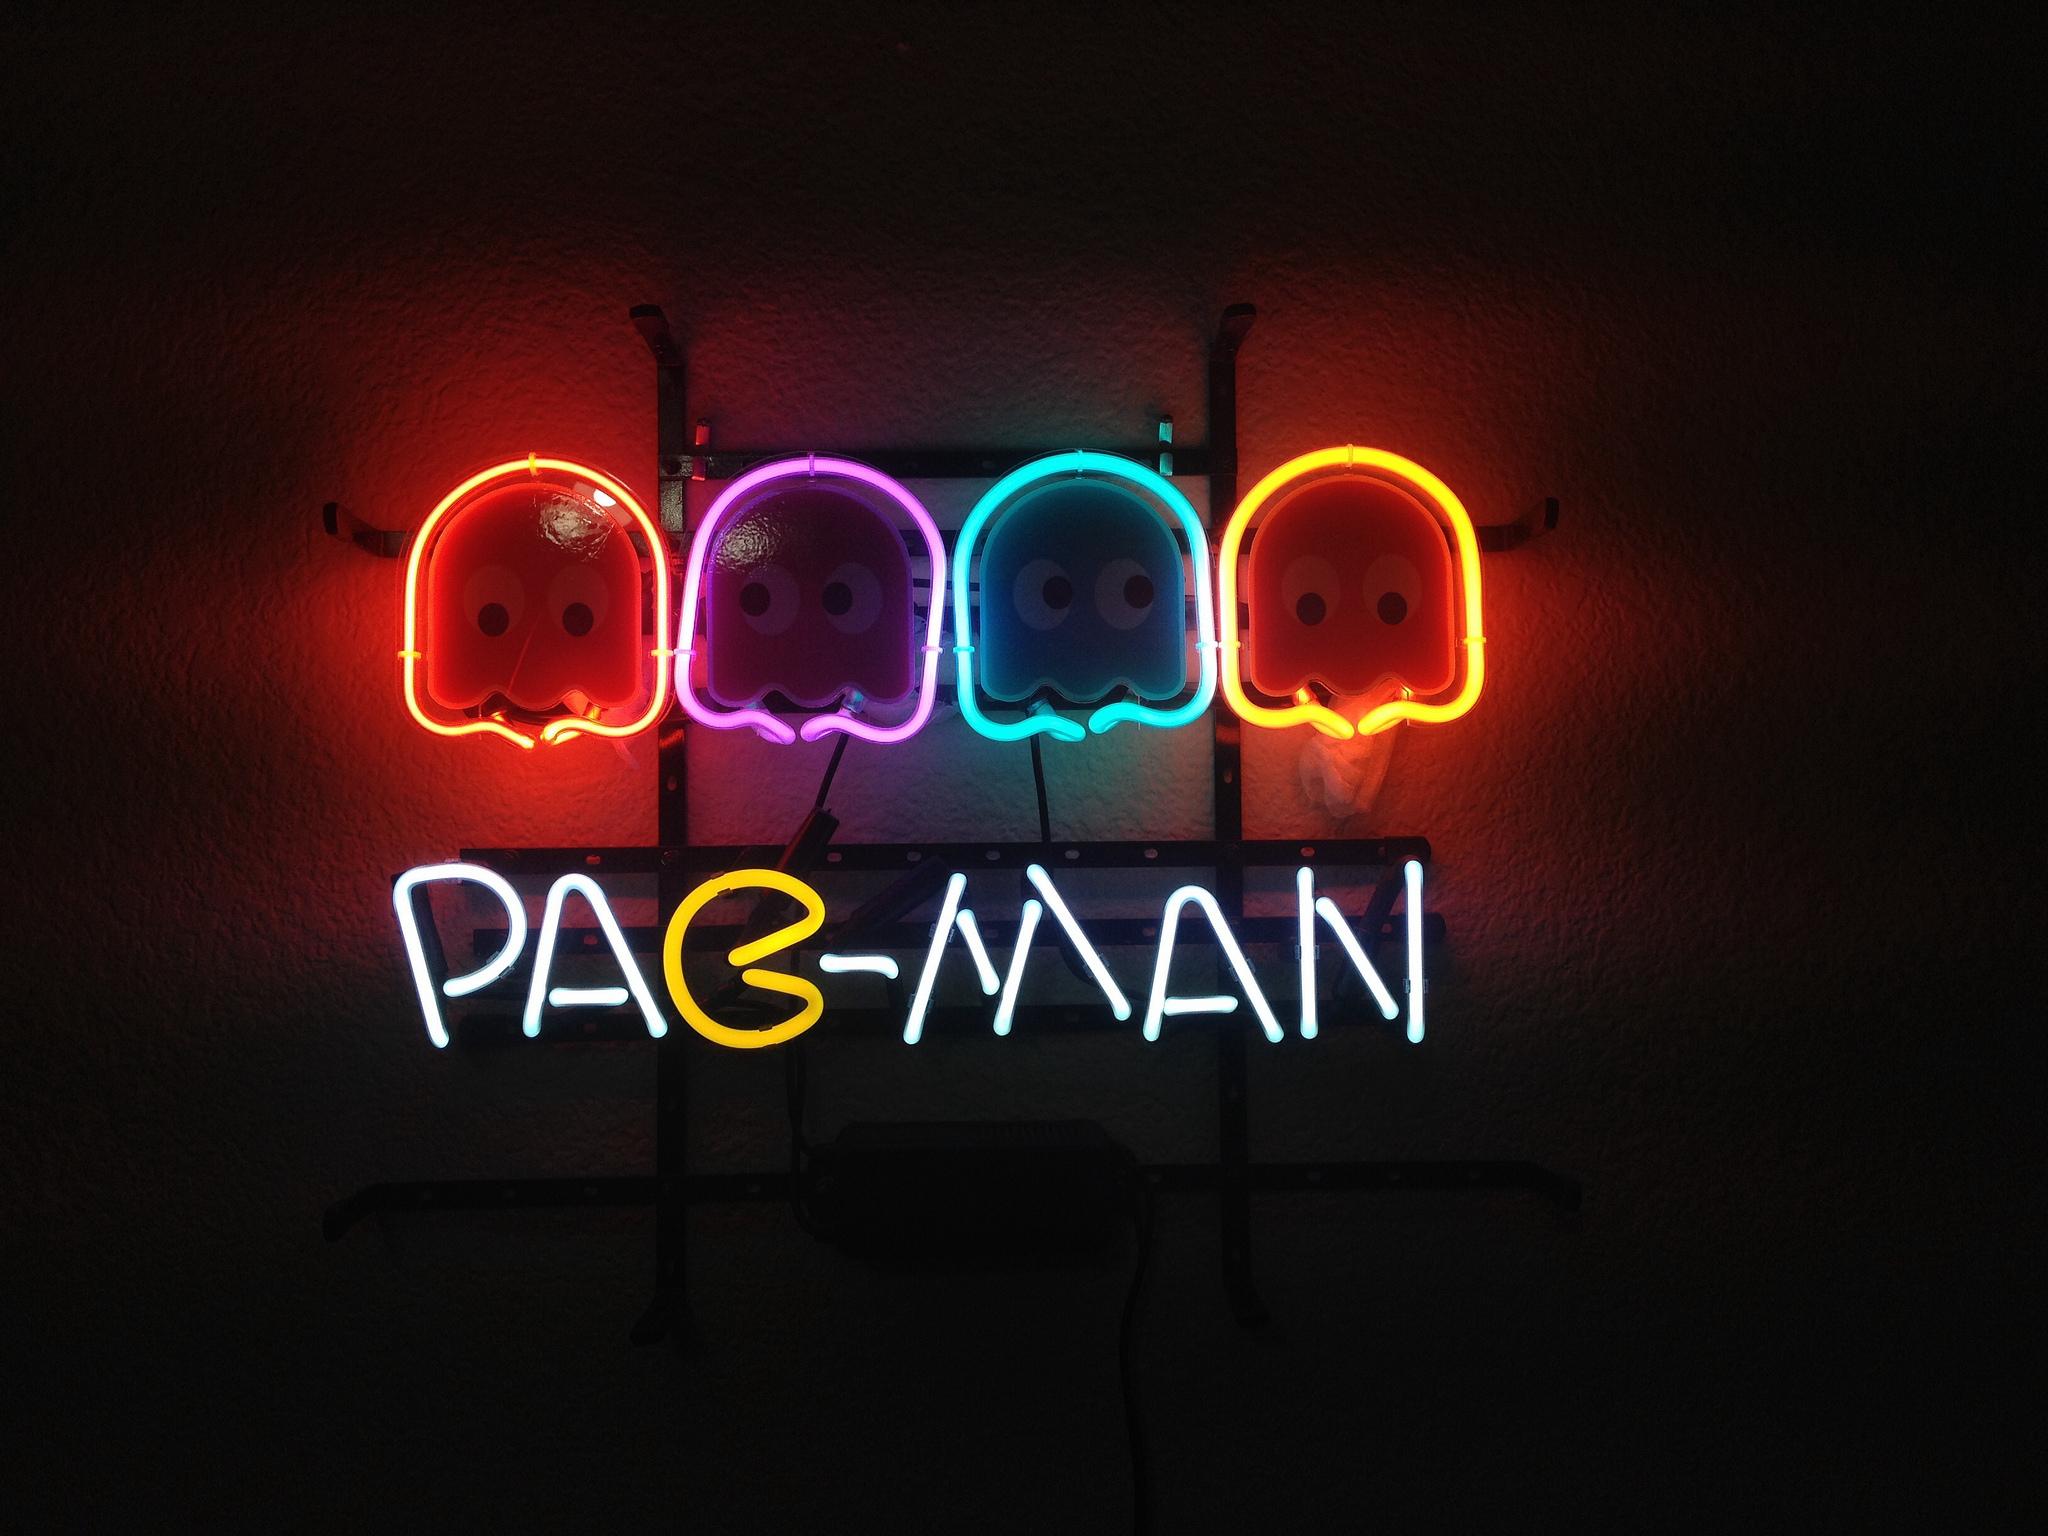 Tari lança Pac-man com 0,25 bitcoins escondidos